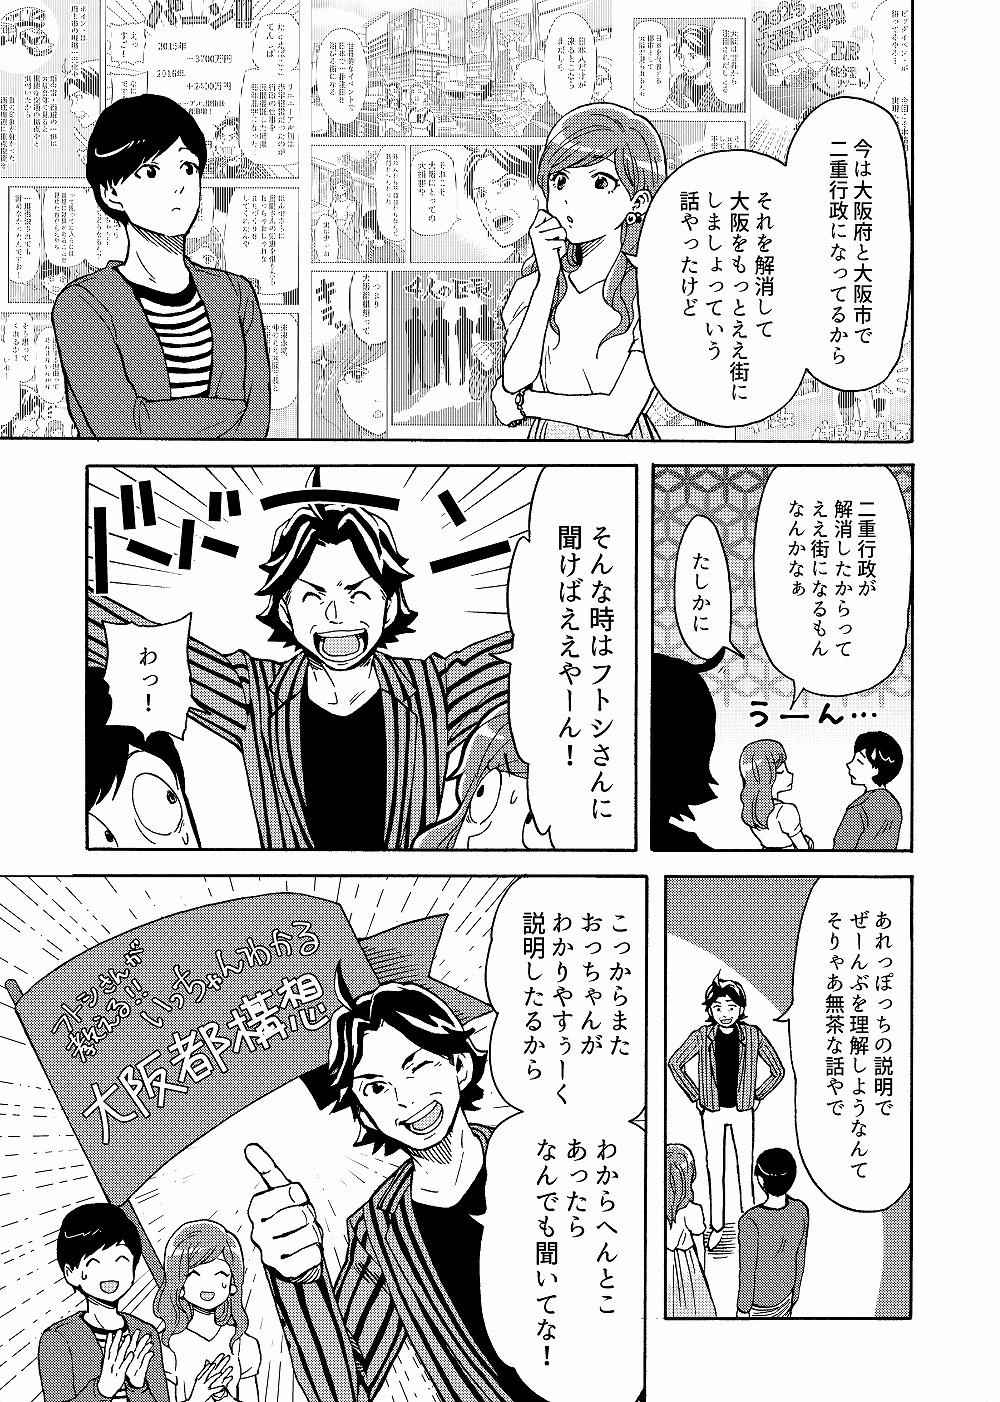 第2章 二重行政について|漫画でわかる大阪都構想